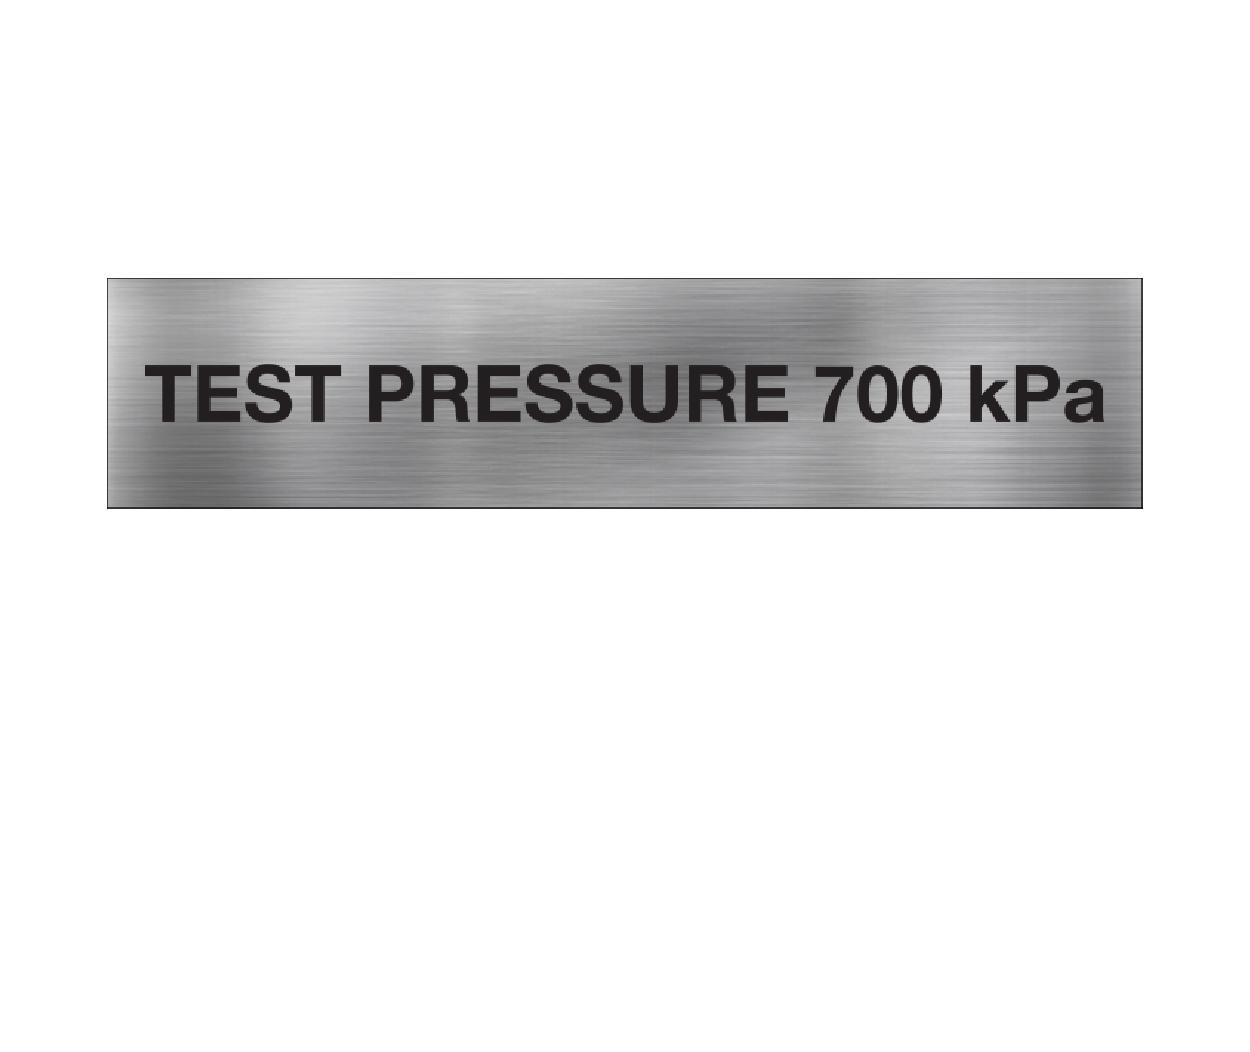 Test Pressure 700 kPa